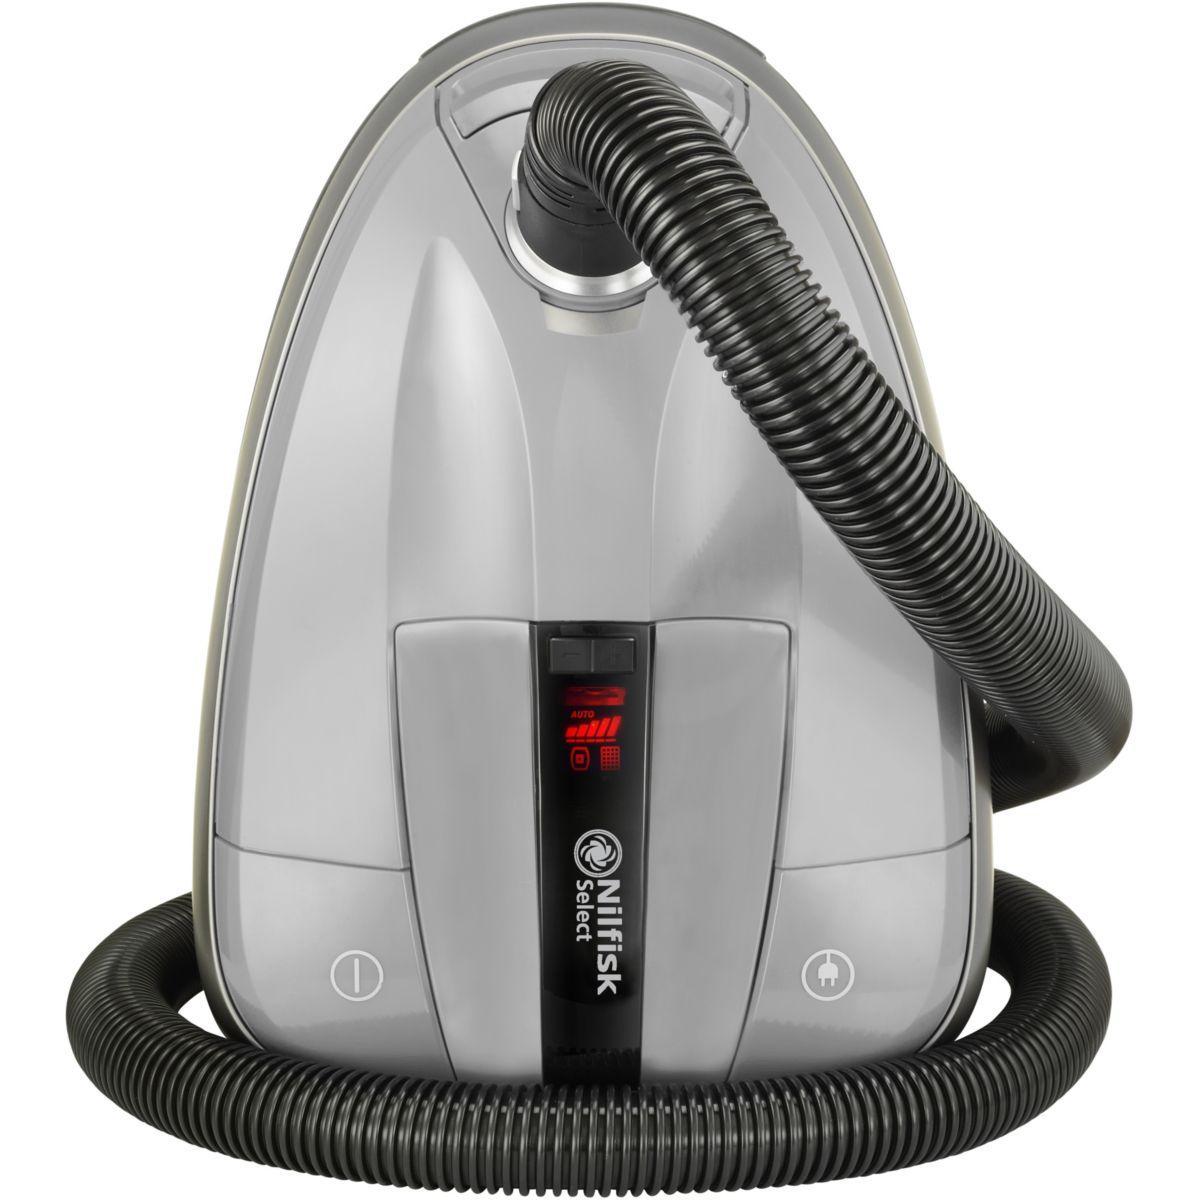 Aspirateur nilfisk select sico13p08a1 comfort - 20% de remise imm?diate avec le code : black20